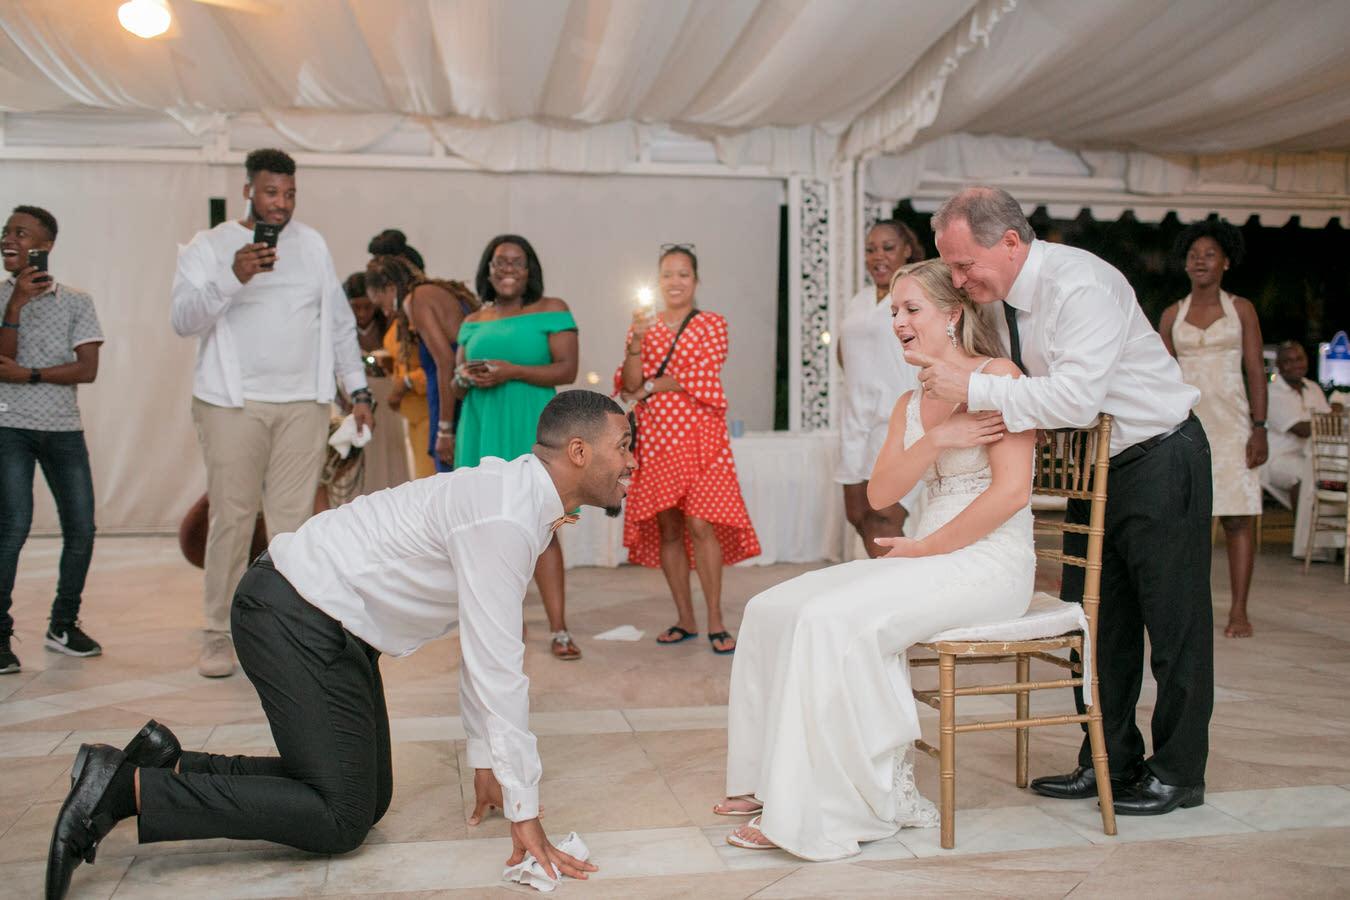 Ashley___Michael___Daniel_Ricci_Weddings_High_Res._Final_0523.jpg